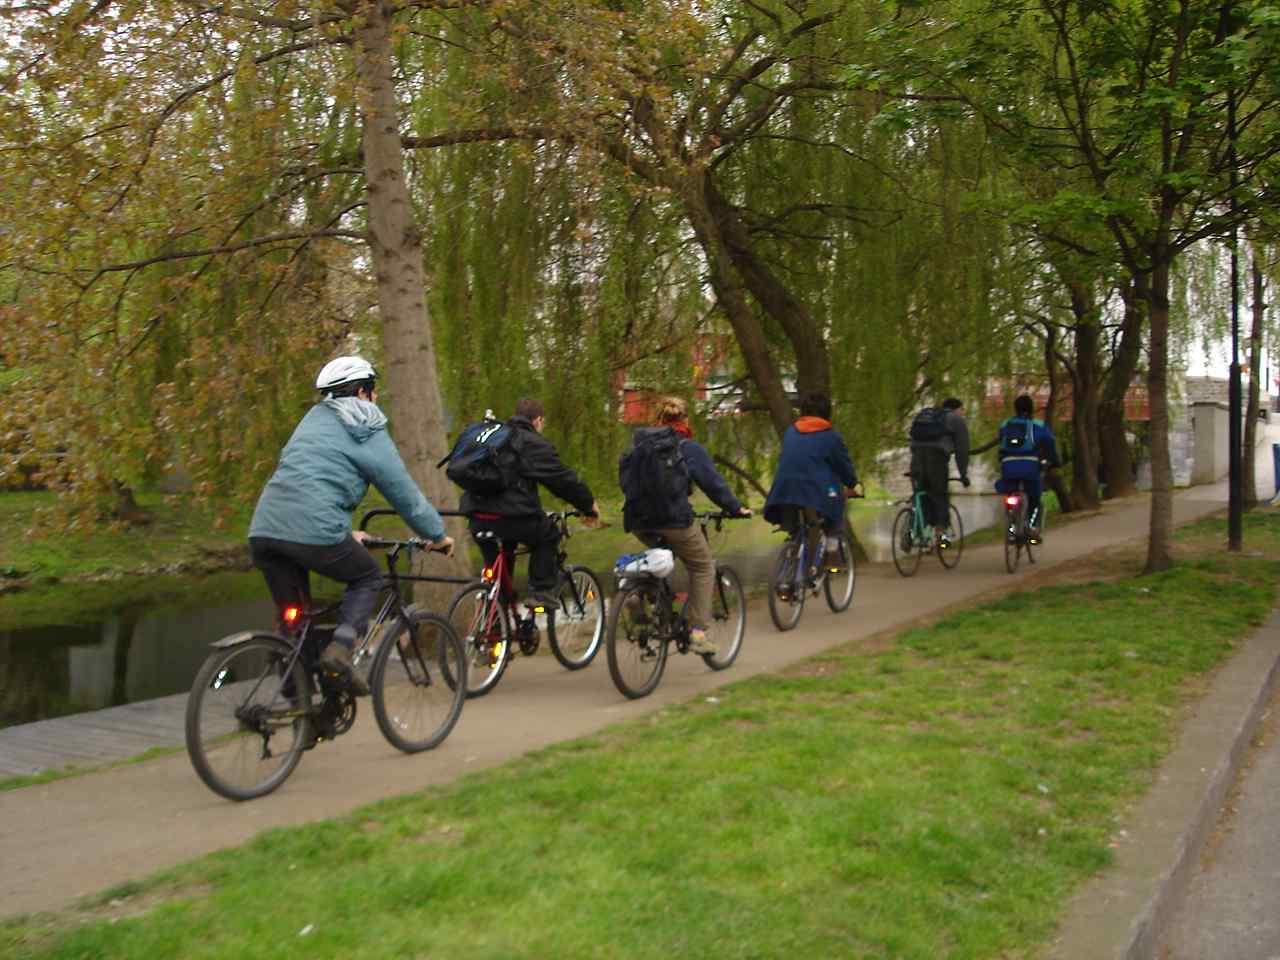 https://i1.wp.com/www.indymedia.ie/attachments/dec2007/cyclists.jpg